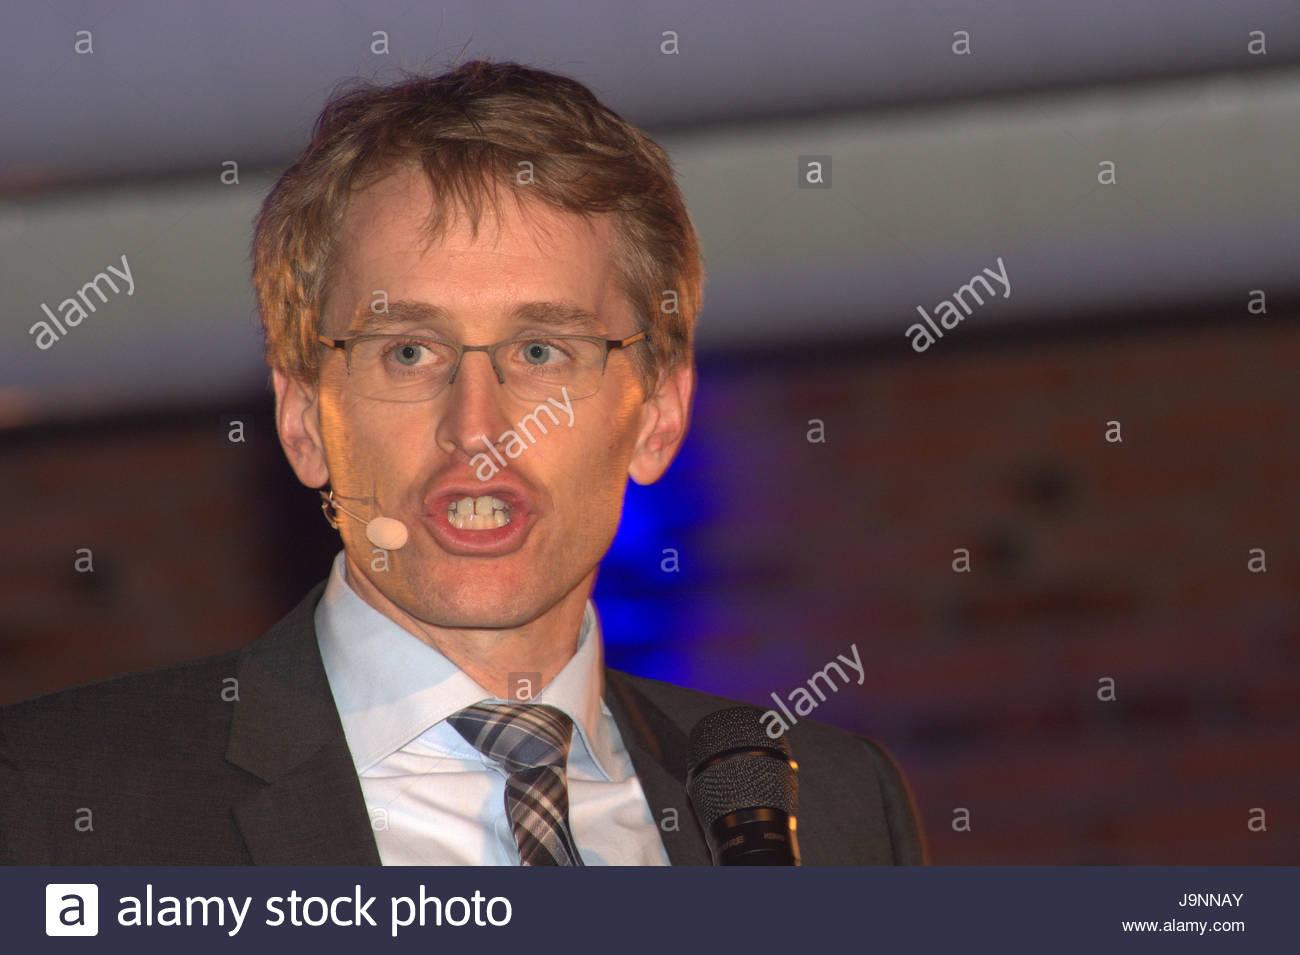 Daniel Günther - Der CDU Spitzenkandidat für die Landtagswahl in Schleswig-Holstein live bei seinem Wahlkampfauftritt - Stock Image